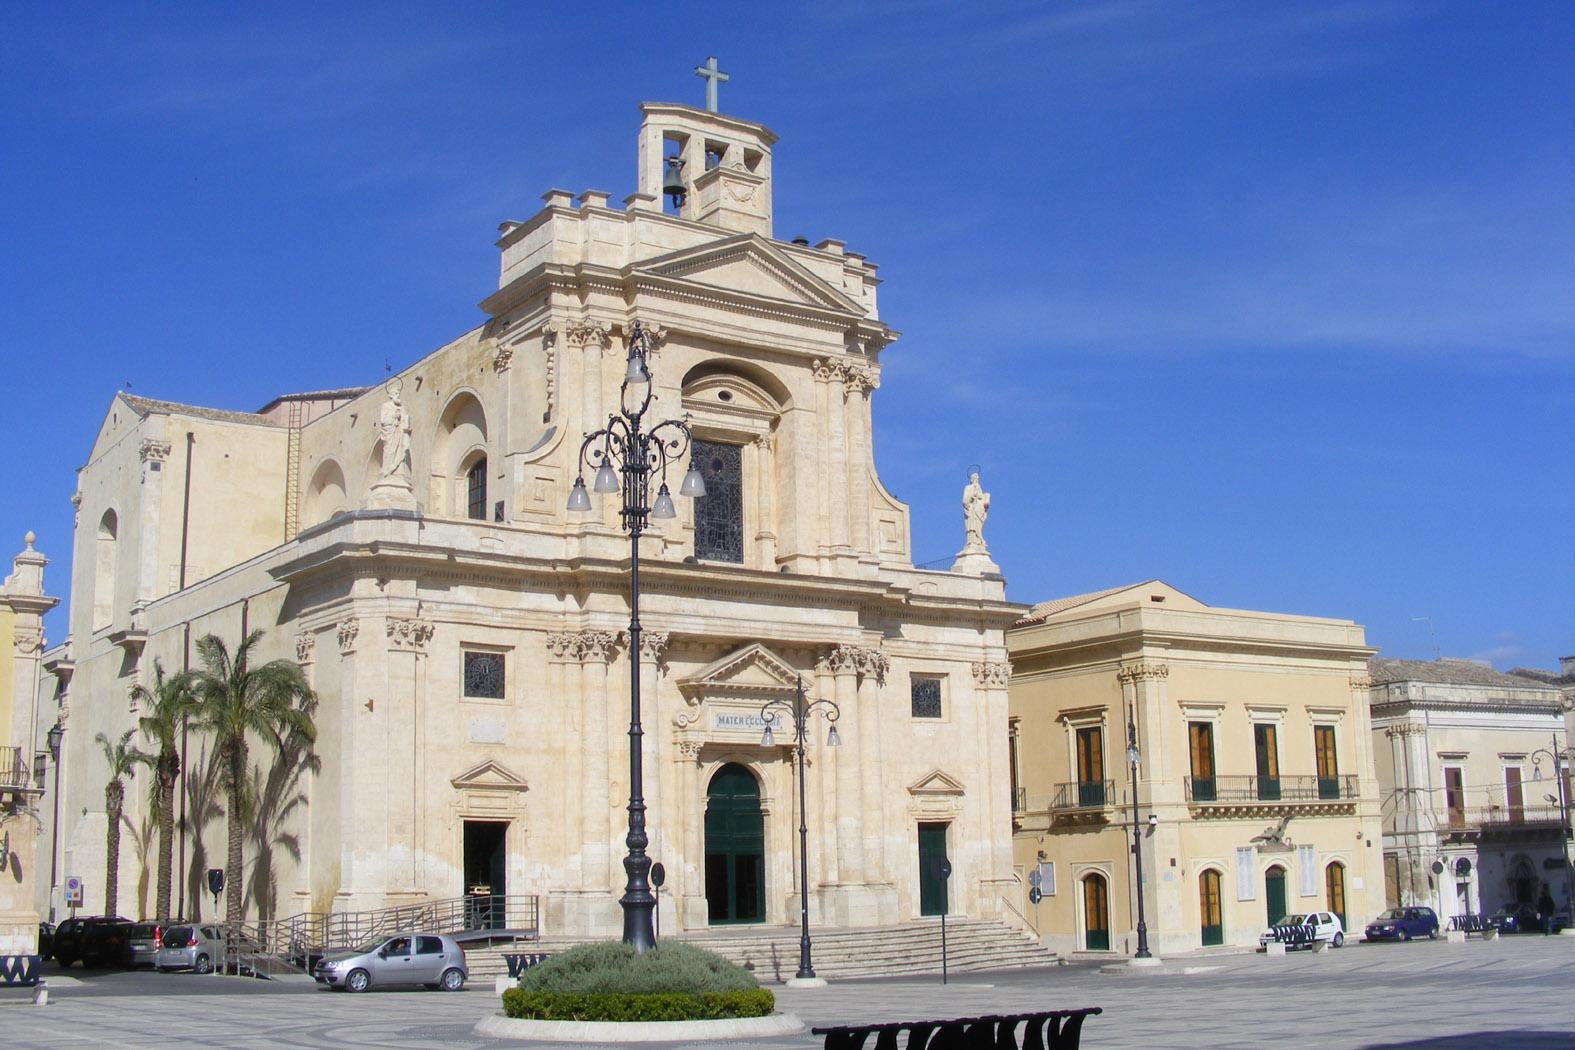 Rosolini, martedi 28 si riunisce il consiglio comunale